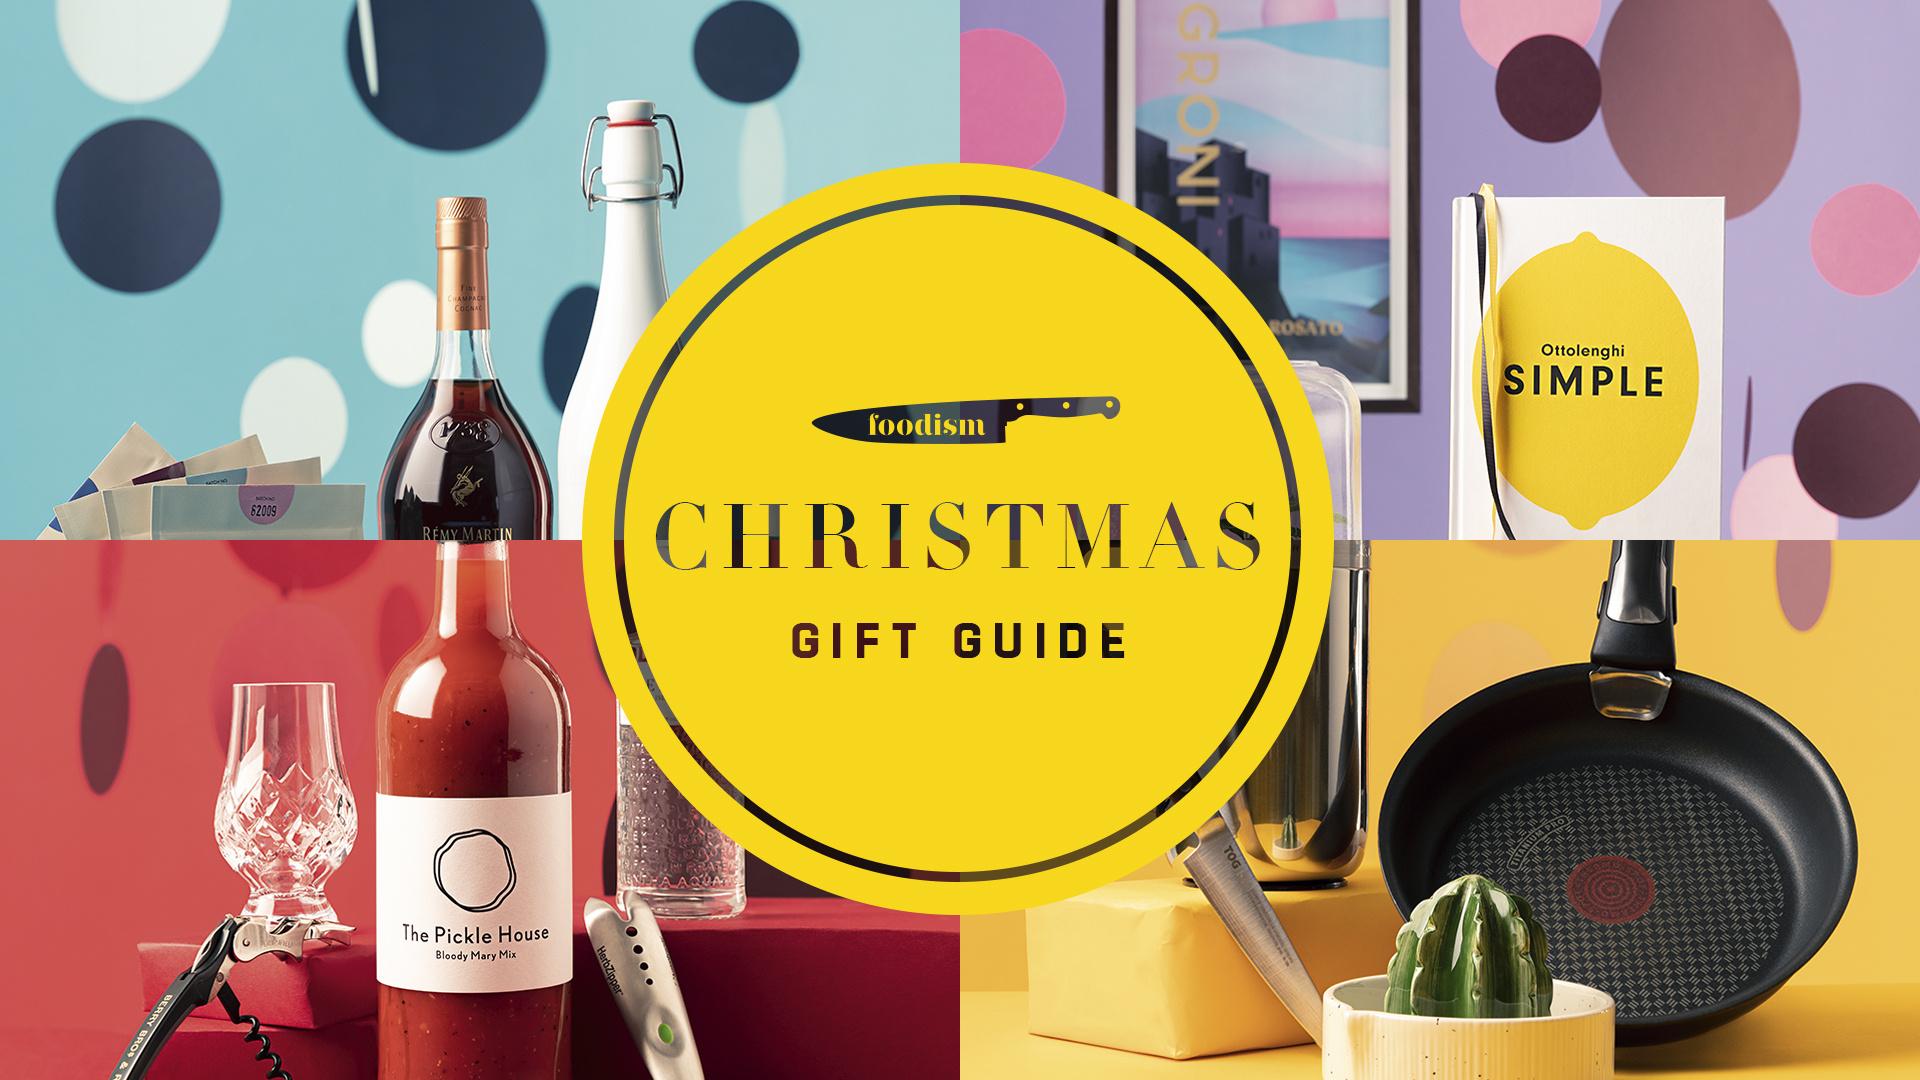 The Foodism Christmas Gift Guide 2018